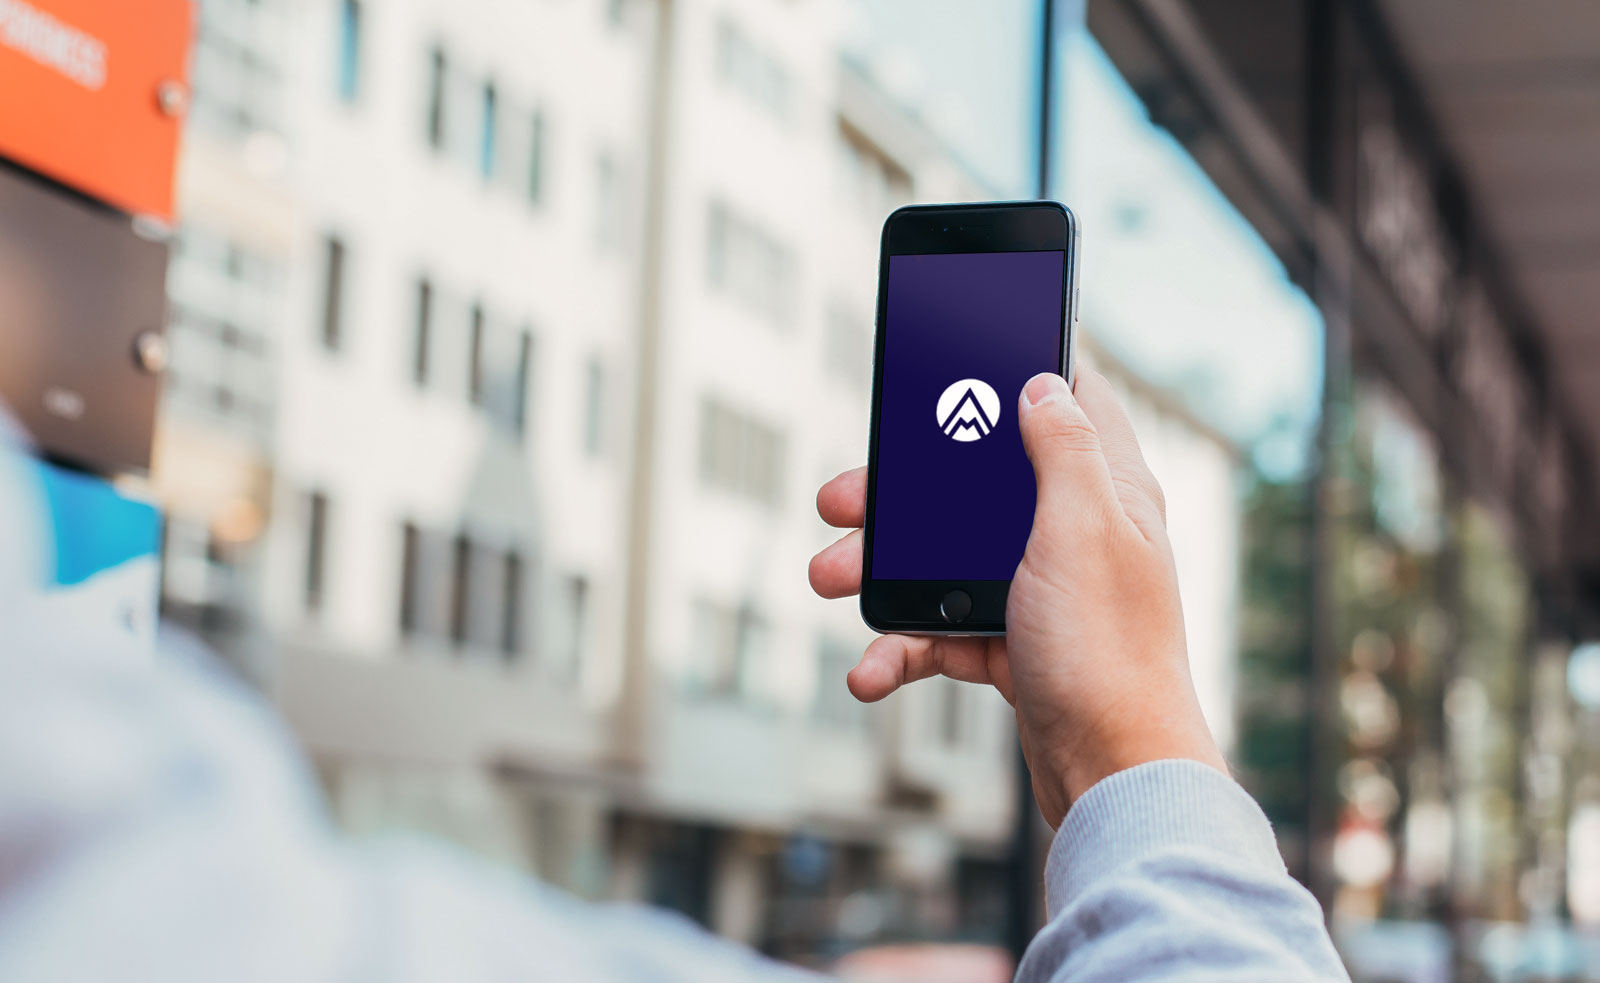 Mann mit einem Handy in der Hand, welches das Adeko-Mobile Logo zeigt